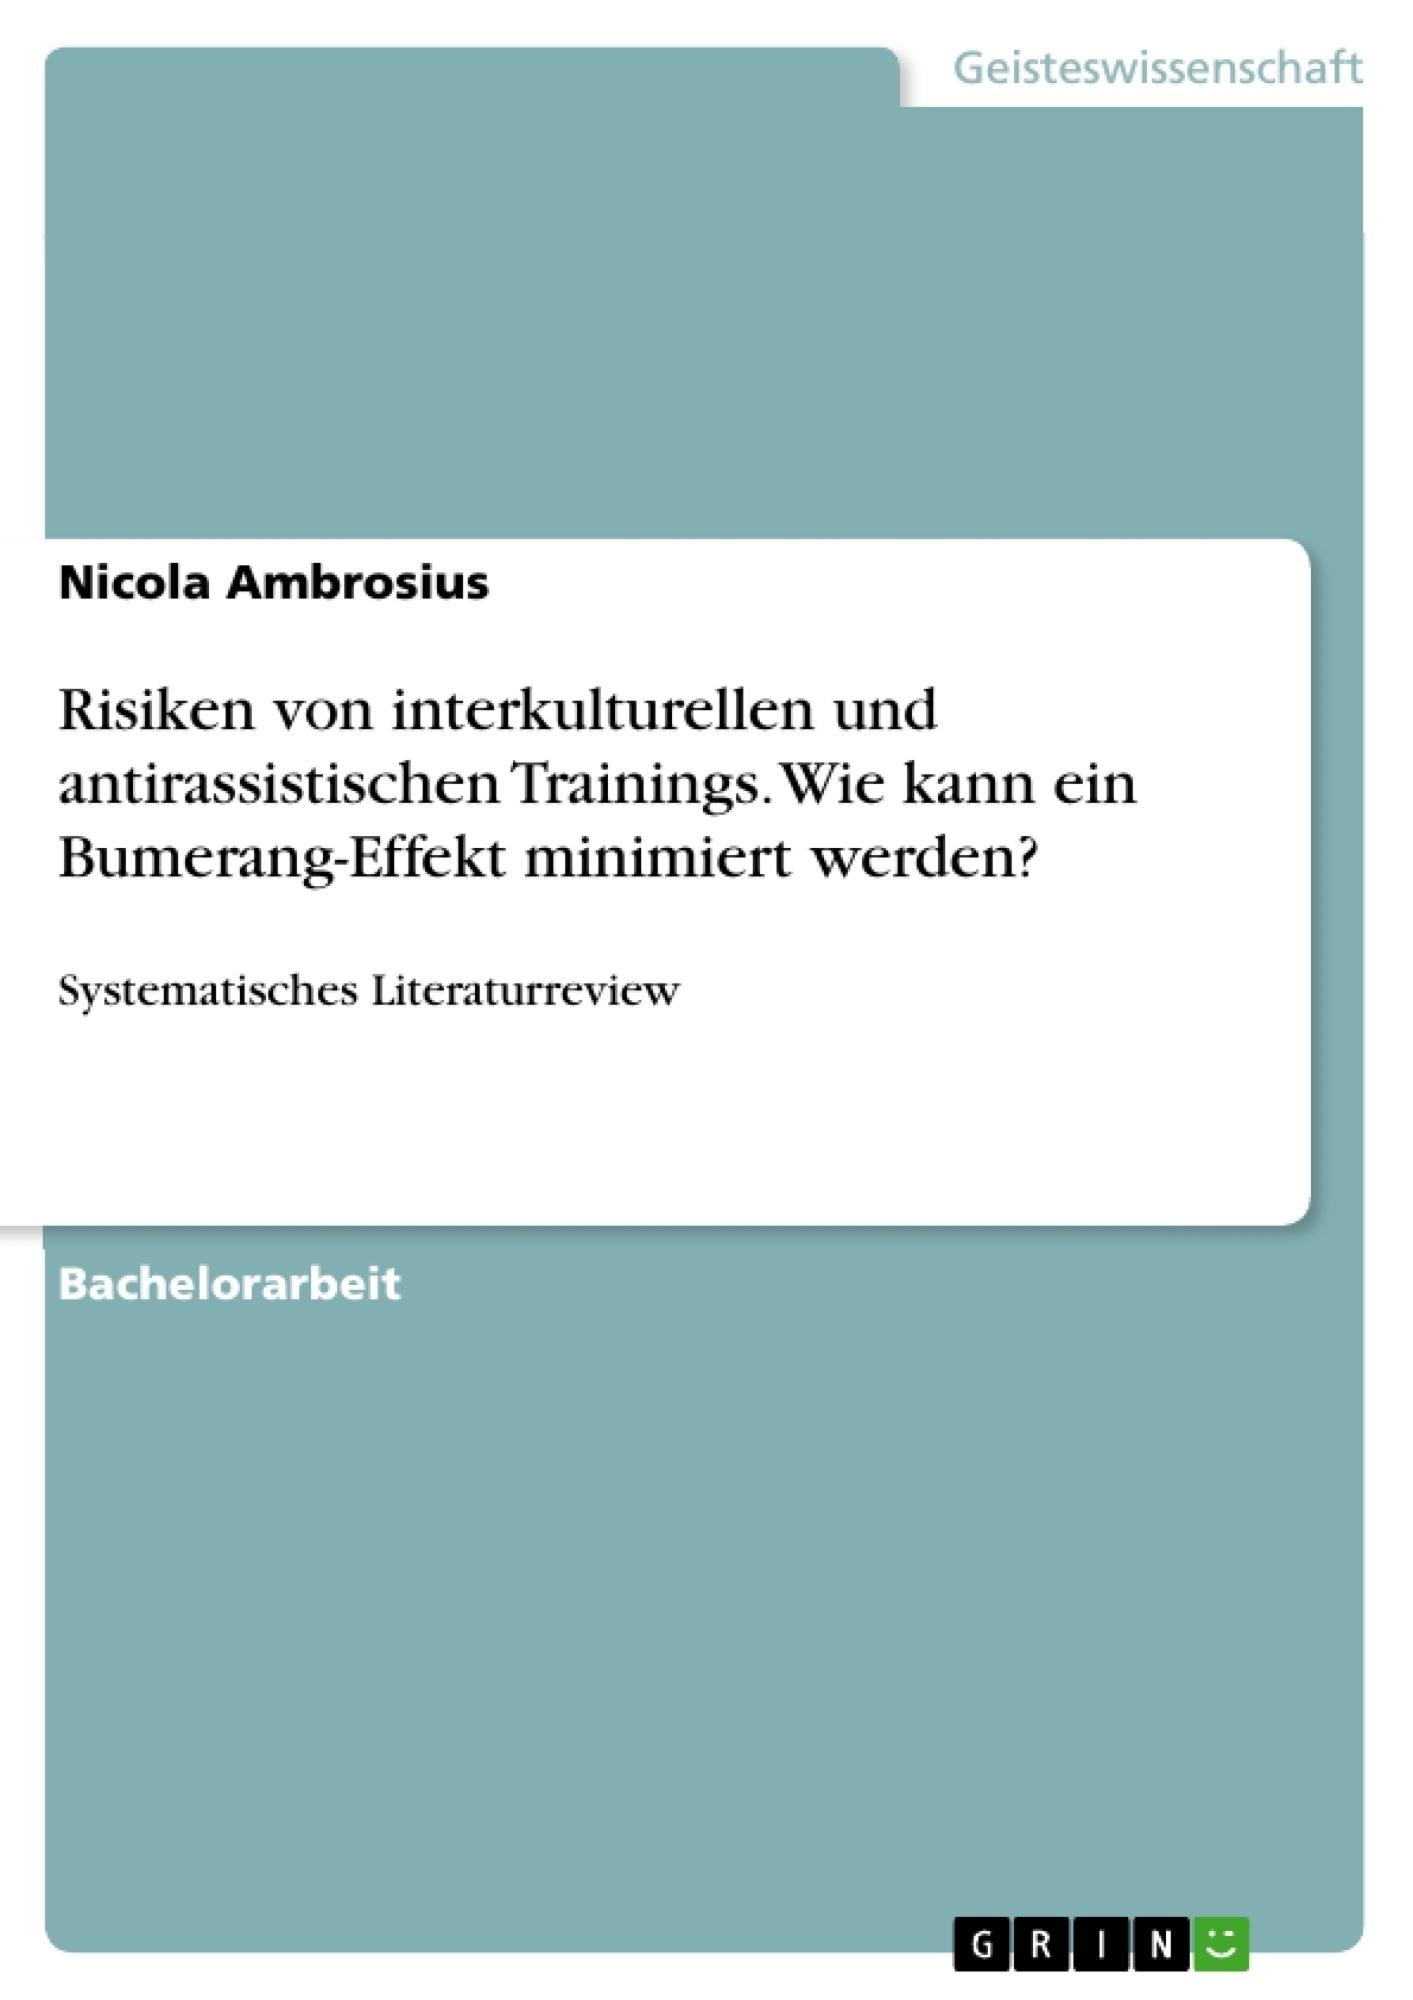 Titel: Risiken von interkulturellen und antirassistischen Trainings. Wie kann ein Bumerang-Effekt minimiert werden?